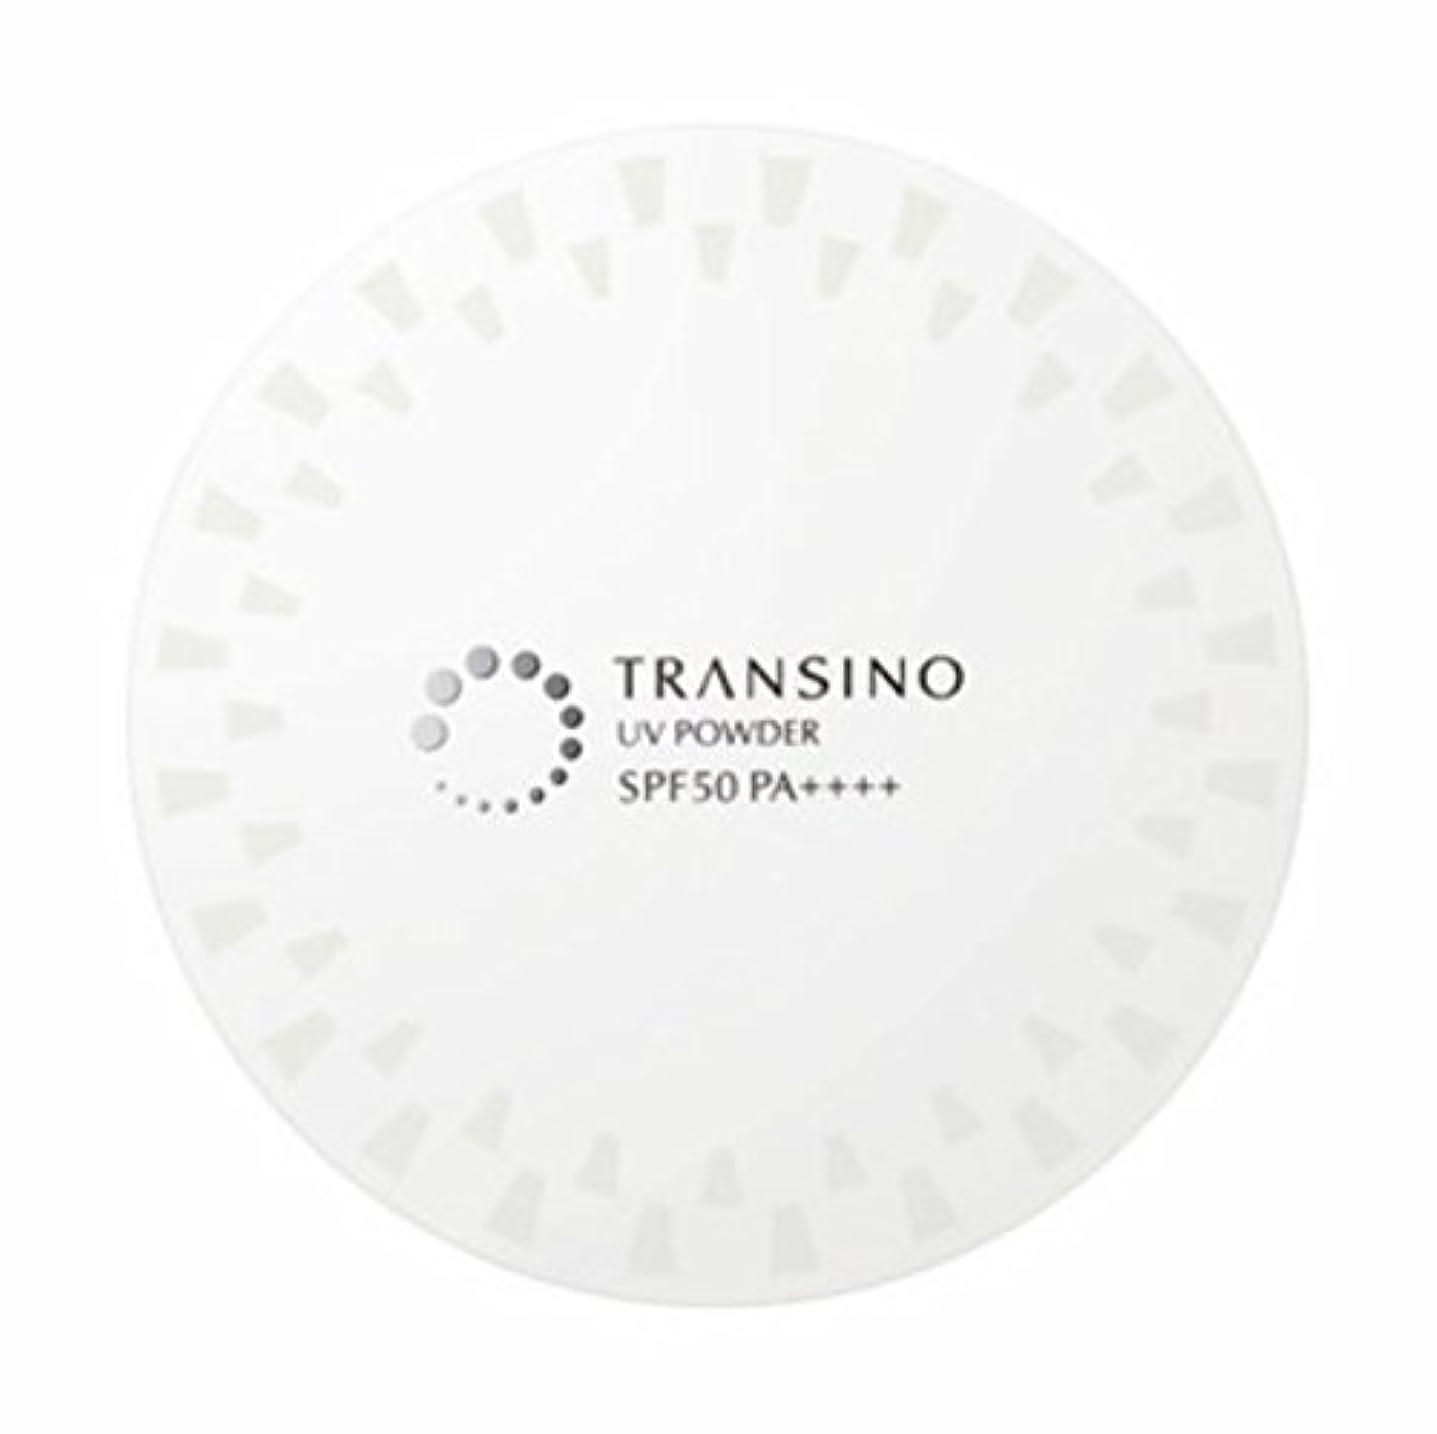 かすれた華氏繰り返すトランシーノ 薬用UVパウダー 12g SPF50?PA++++ [並行輸入品]